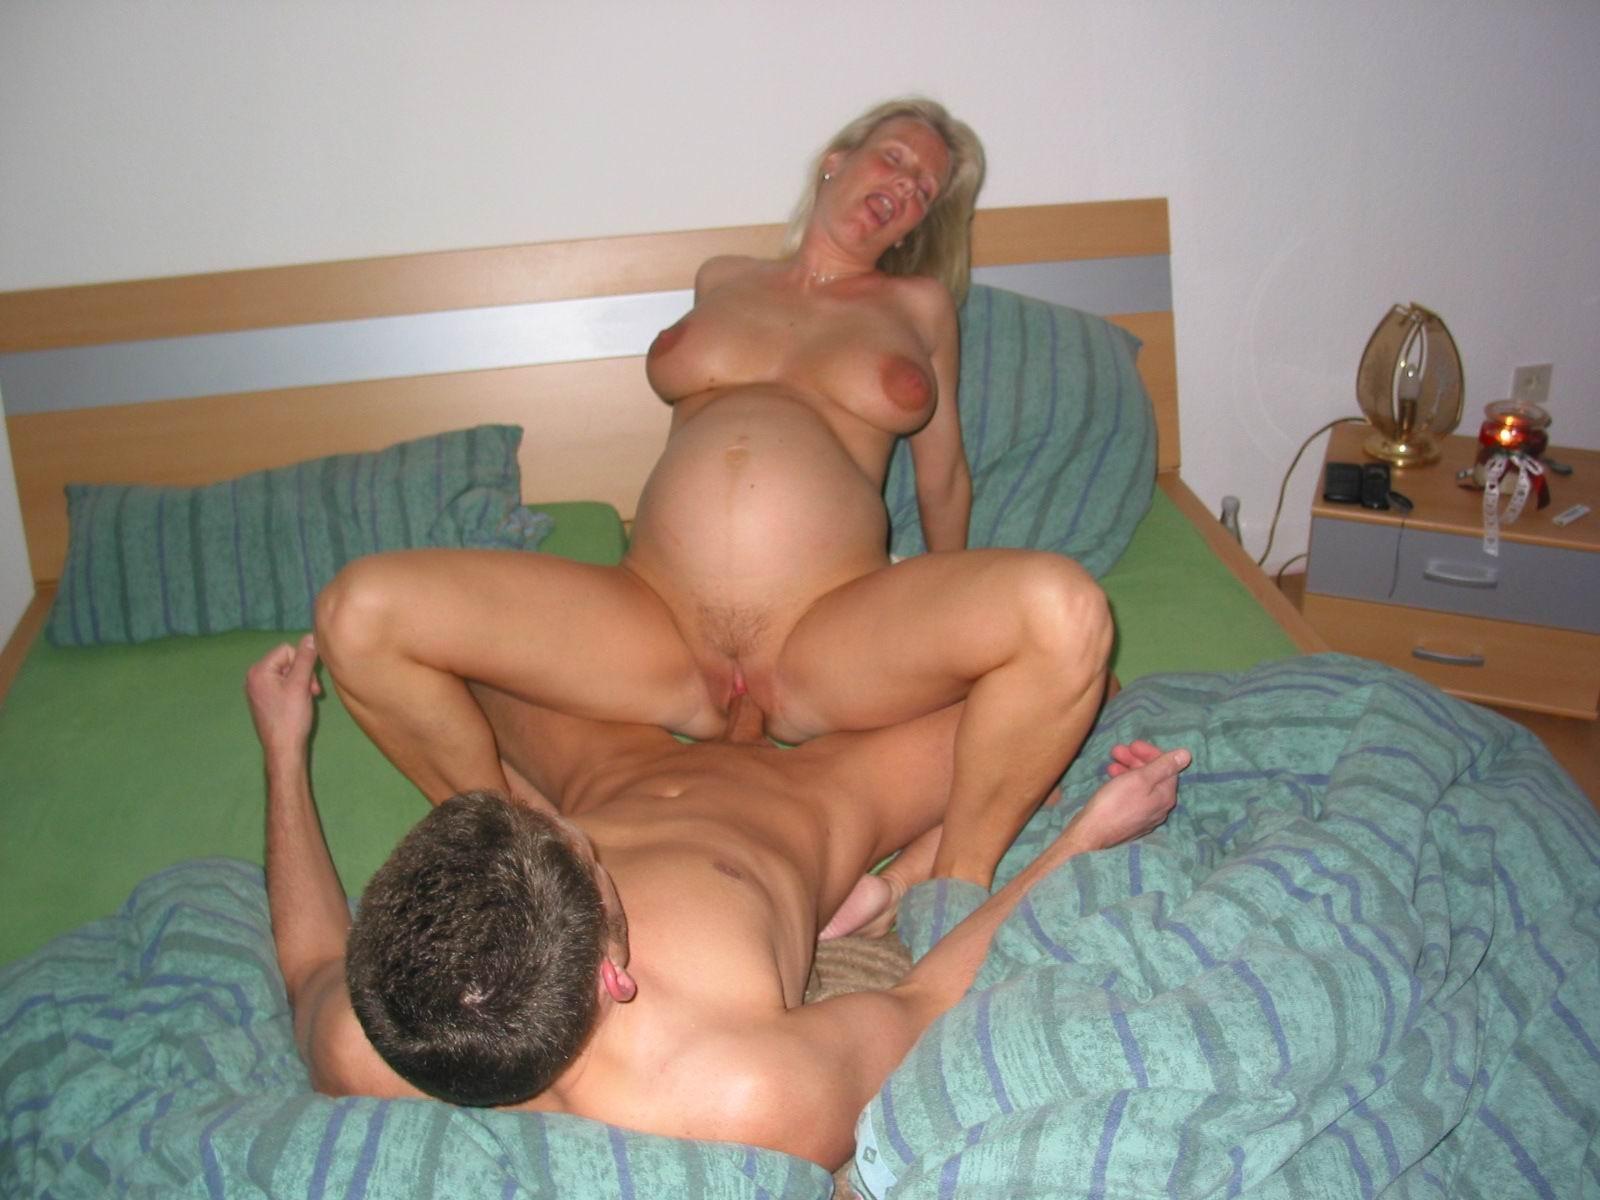 grosse baise d'une femme enceinte